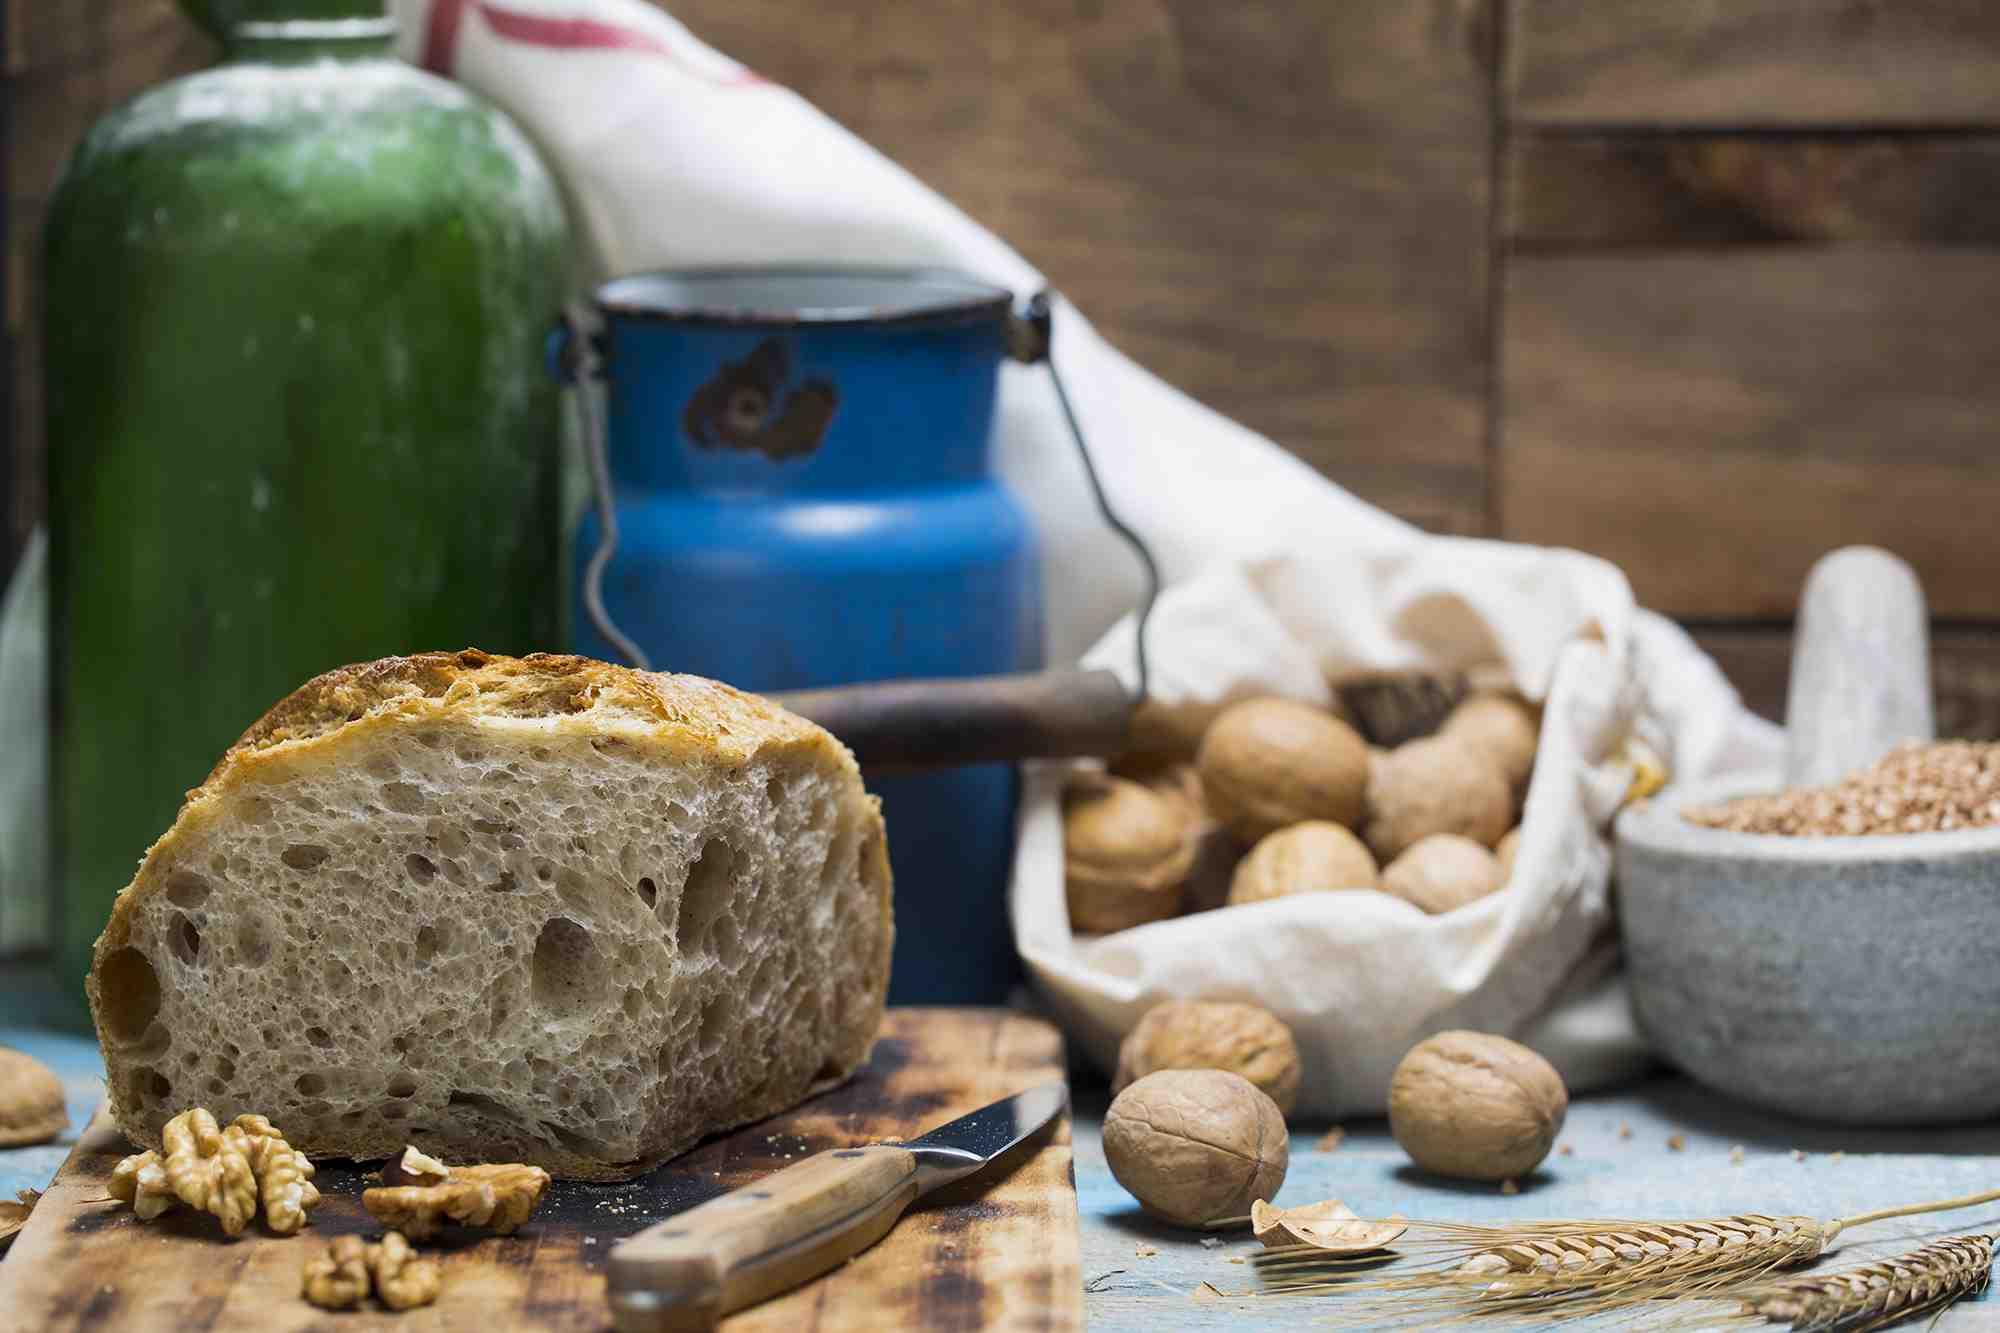 Evde Ekmek Yapımı Teknikleri Atölyesi